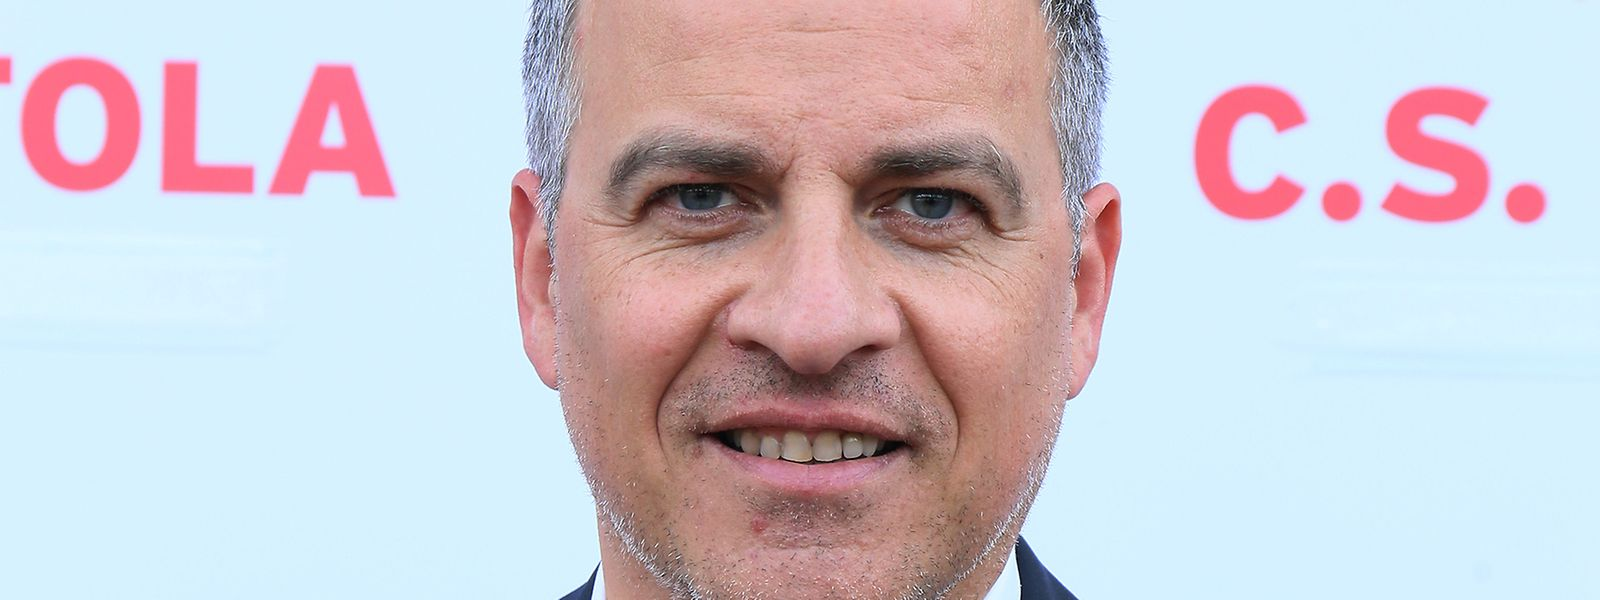 Mauro Mariani ist seit 2017 Präsident des ältesten Fußballclubs Luxemburgs.